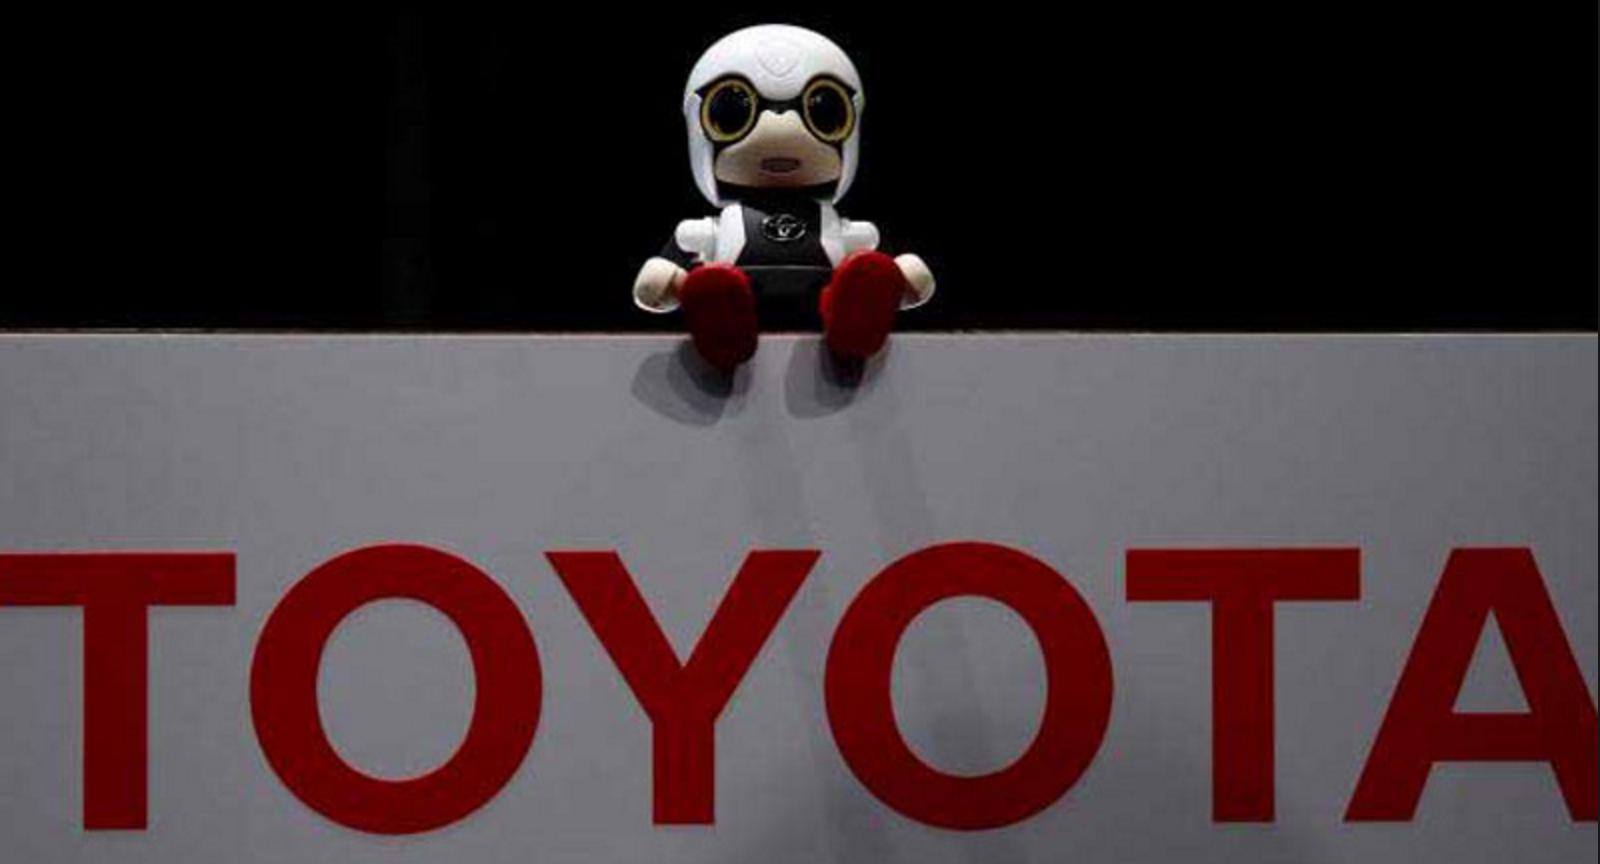 Toyota lanza al mercado nuevo mini robot que se convertirá en tu asistente personal